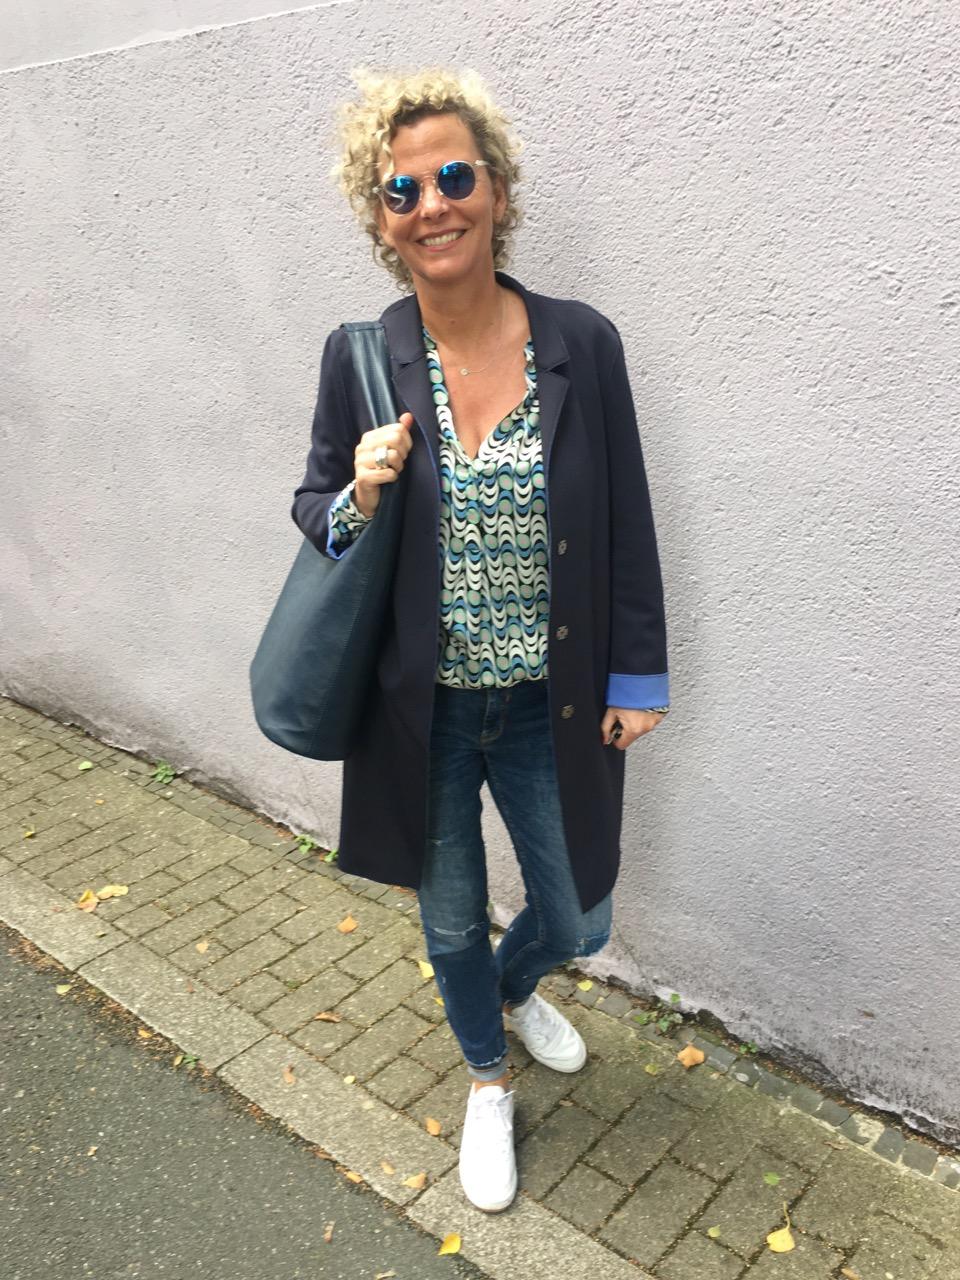 0d78b9dec74554 Sportliche outfits frauen. Komplette Outfits Kaufen Frauen. 2019-02-03